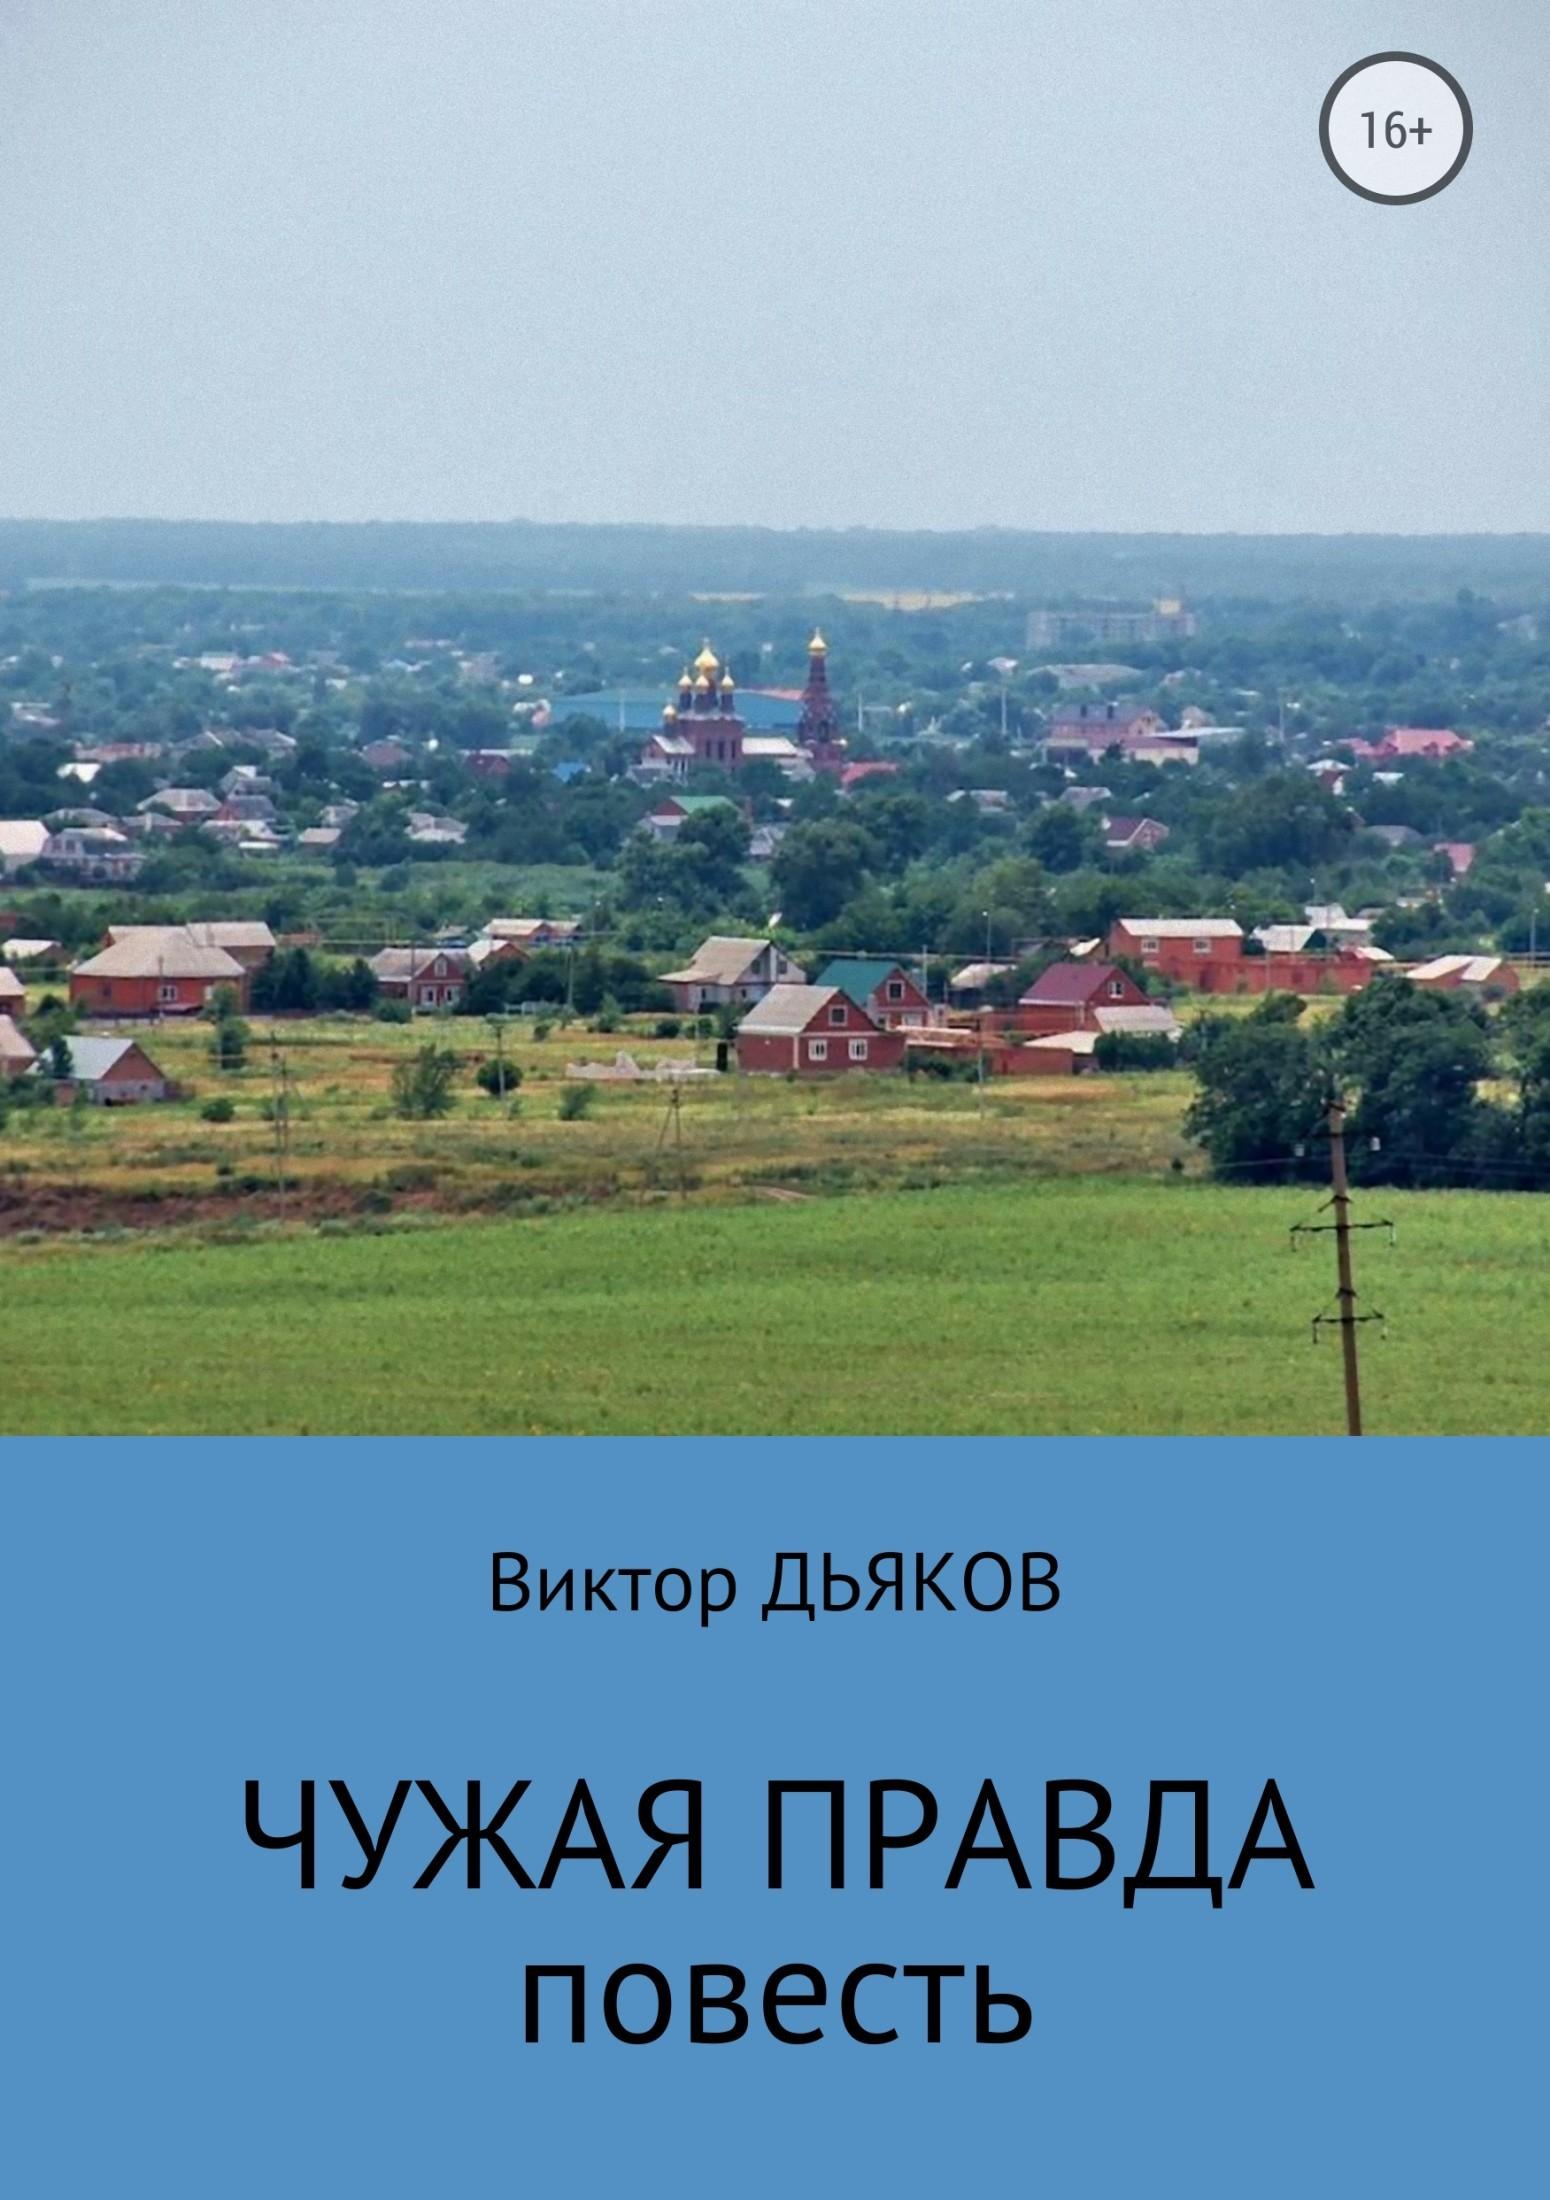 Виктор Елисеевич Дьяков Чужая правда куплю хороший дом в станице краснодарского края